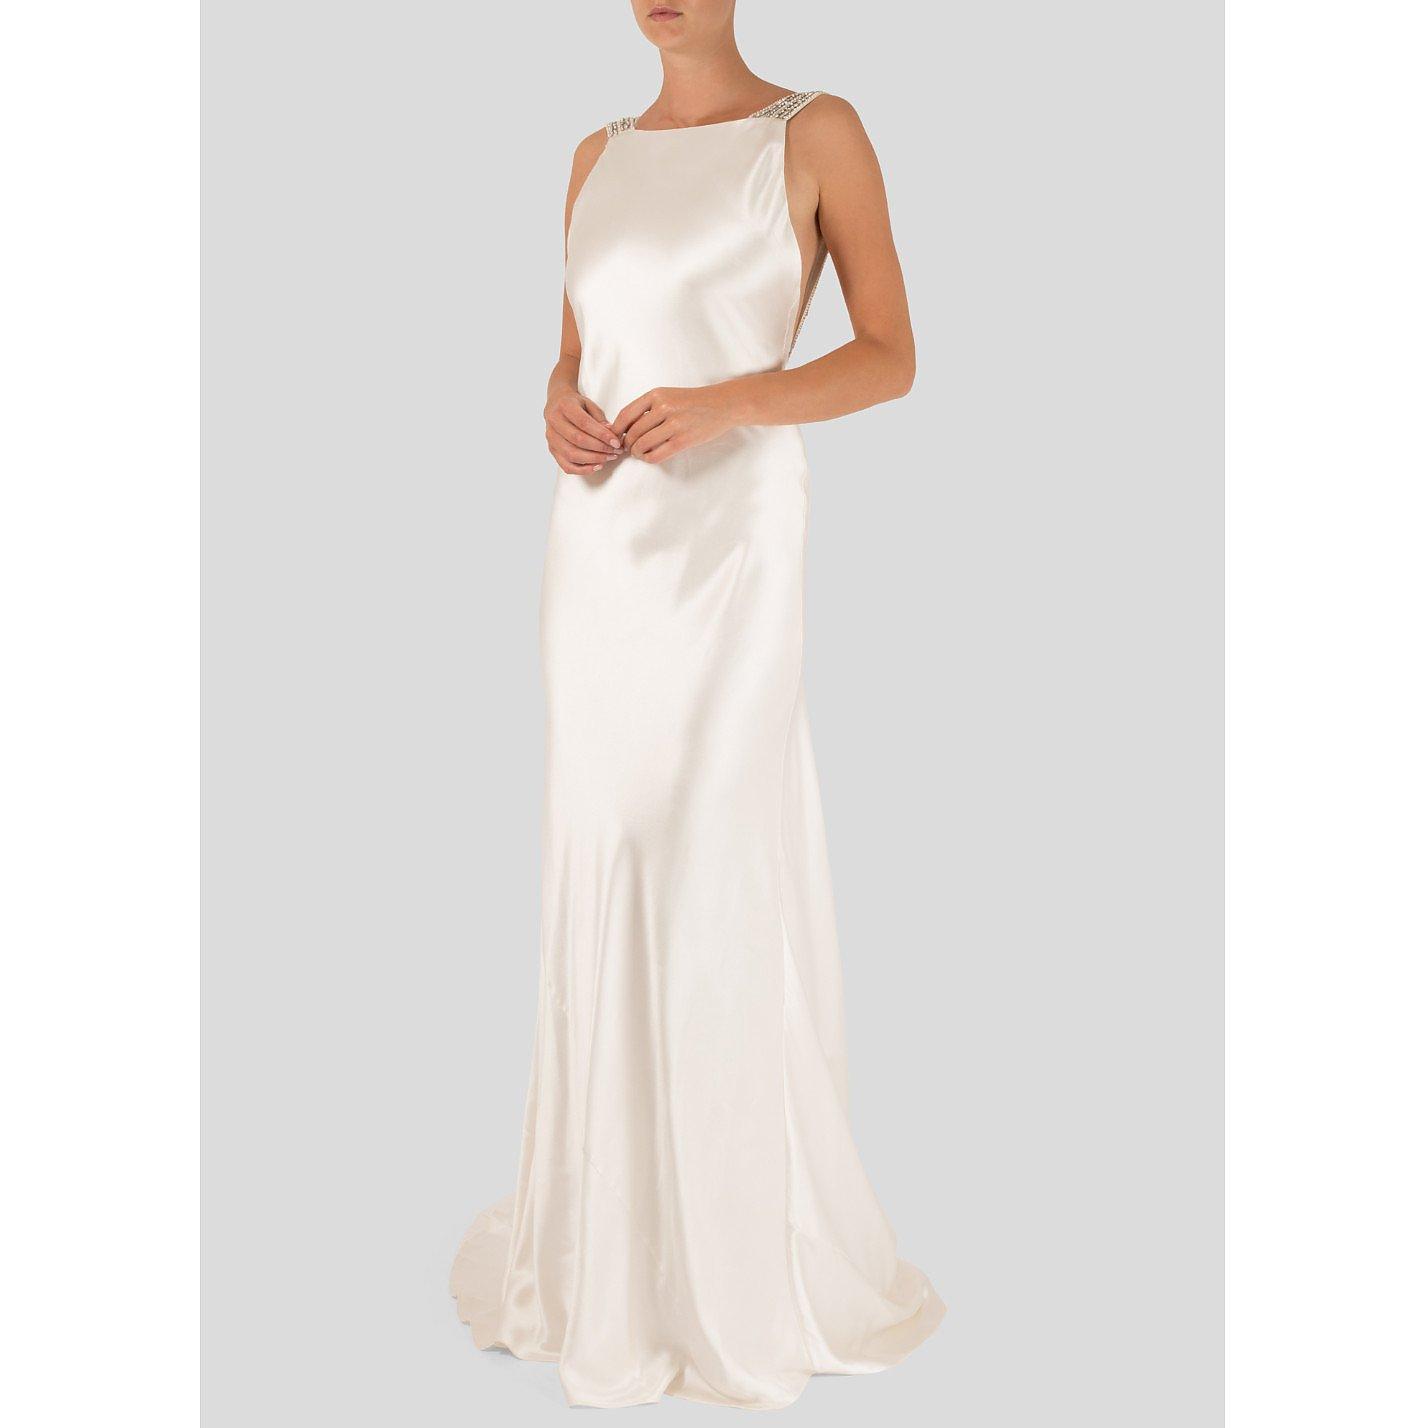 Amanda Wakeley Bridal The Phoebe Bridal Dress